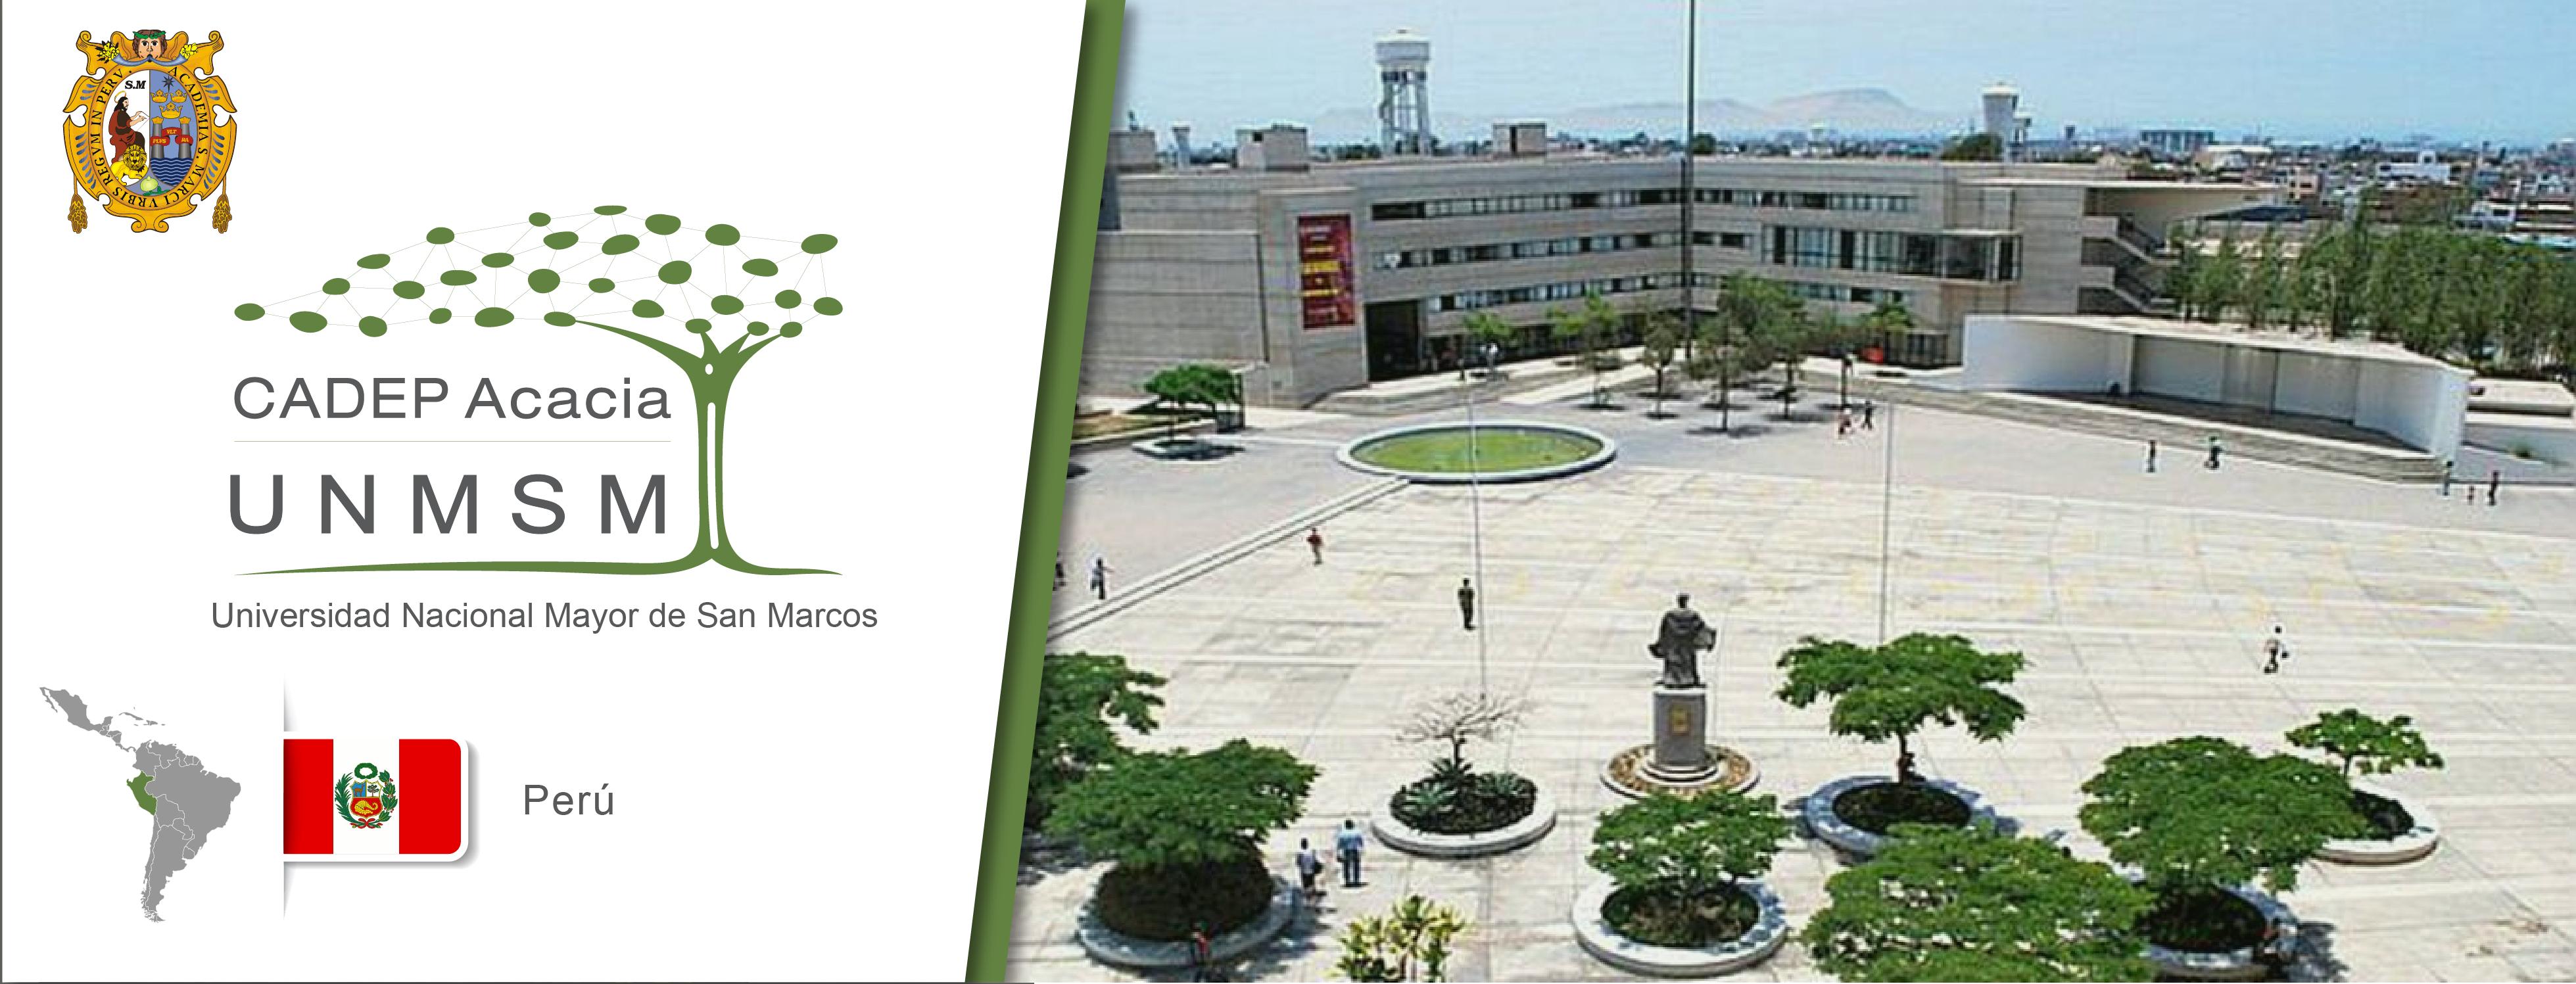 Logo de la UNMSM, logo del CADEP UNMSM, bandera de perú y una imagen que muestra la universidad